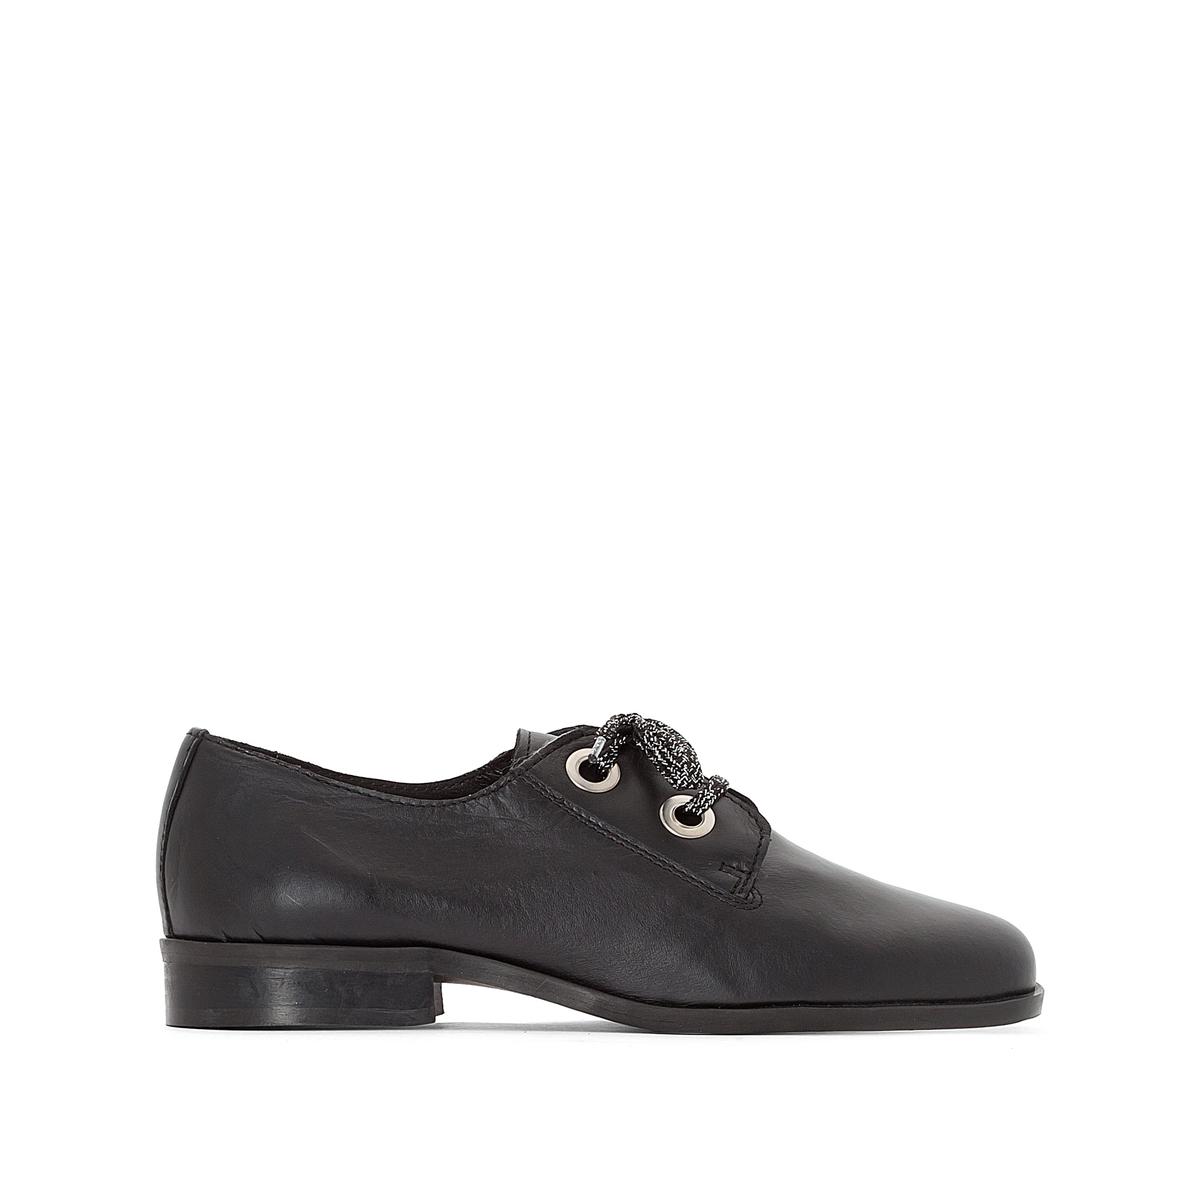 Ботинки-дерби кожаные черные с оригинальным бантом